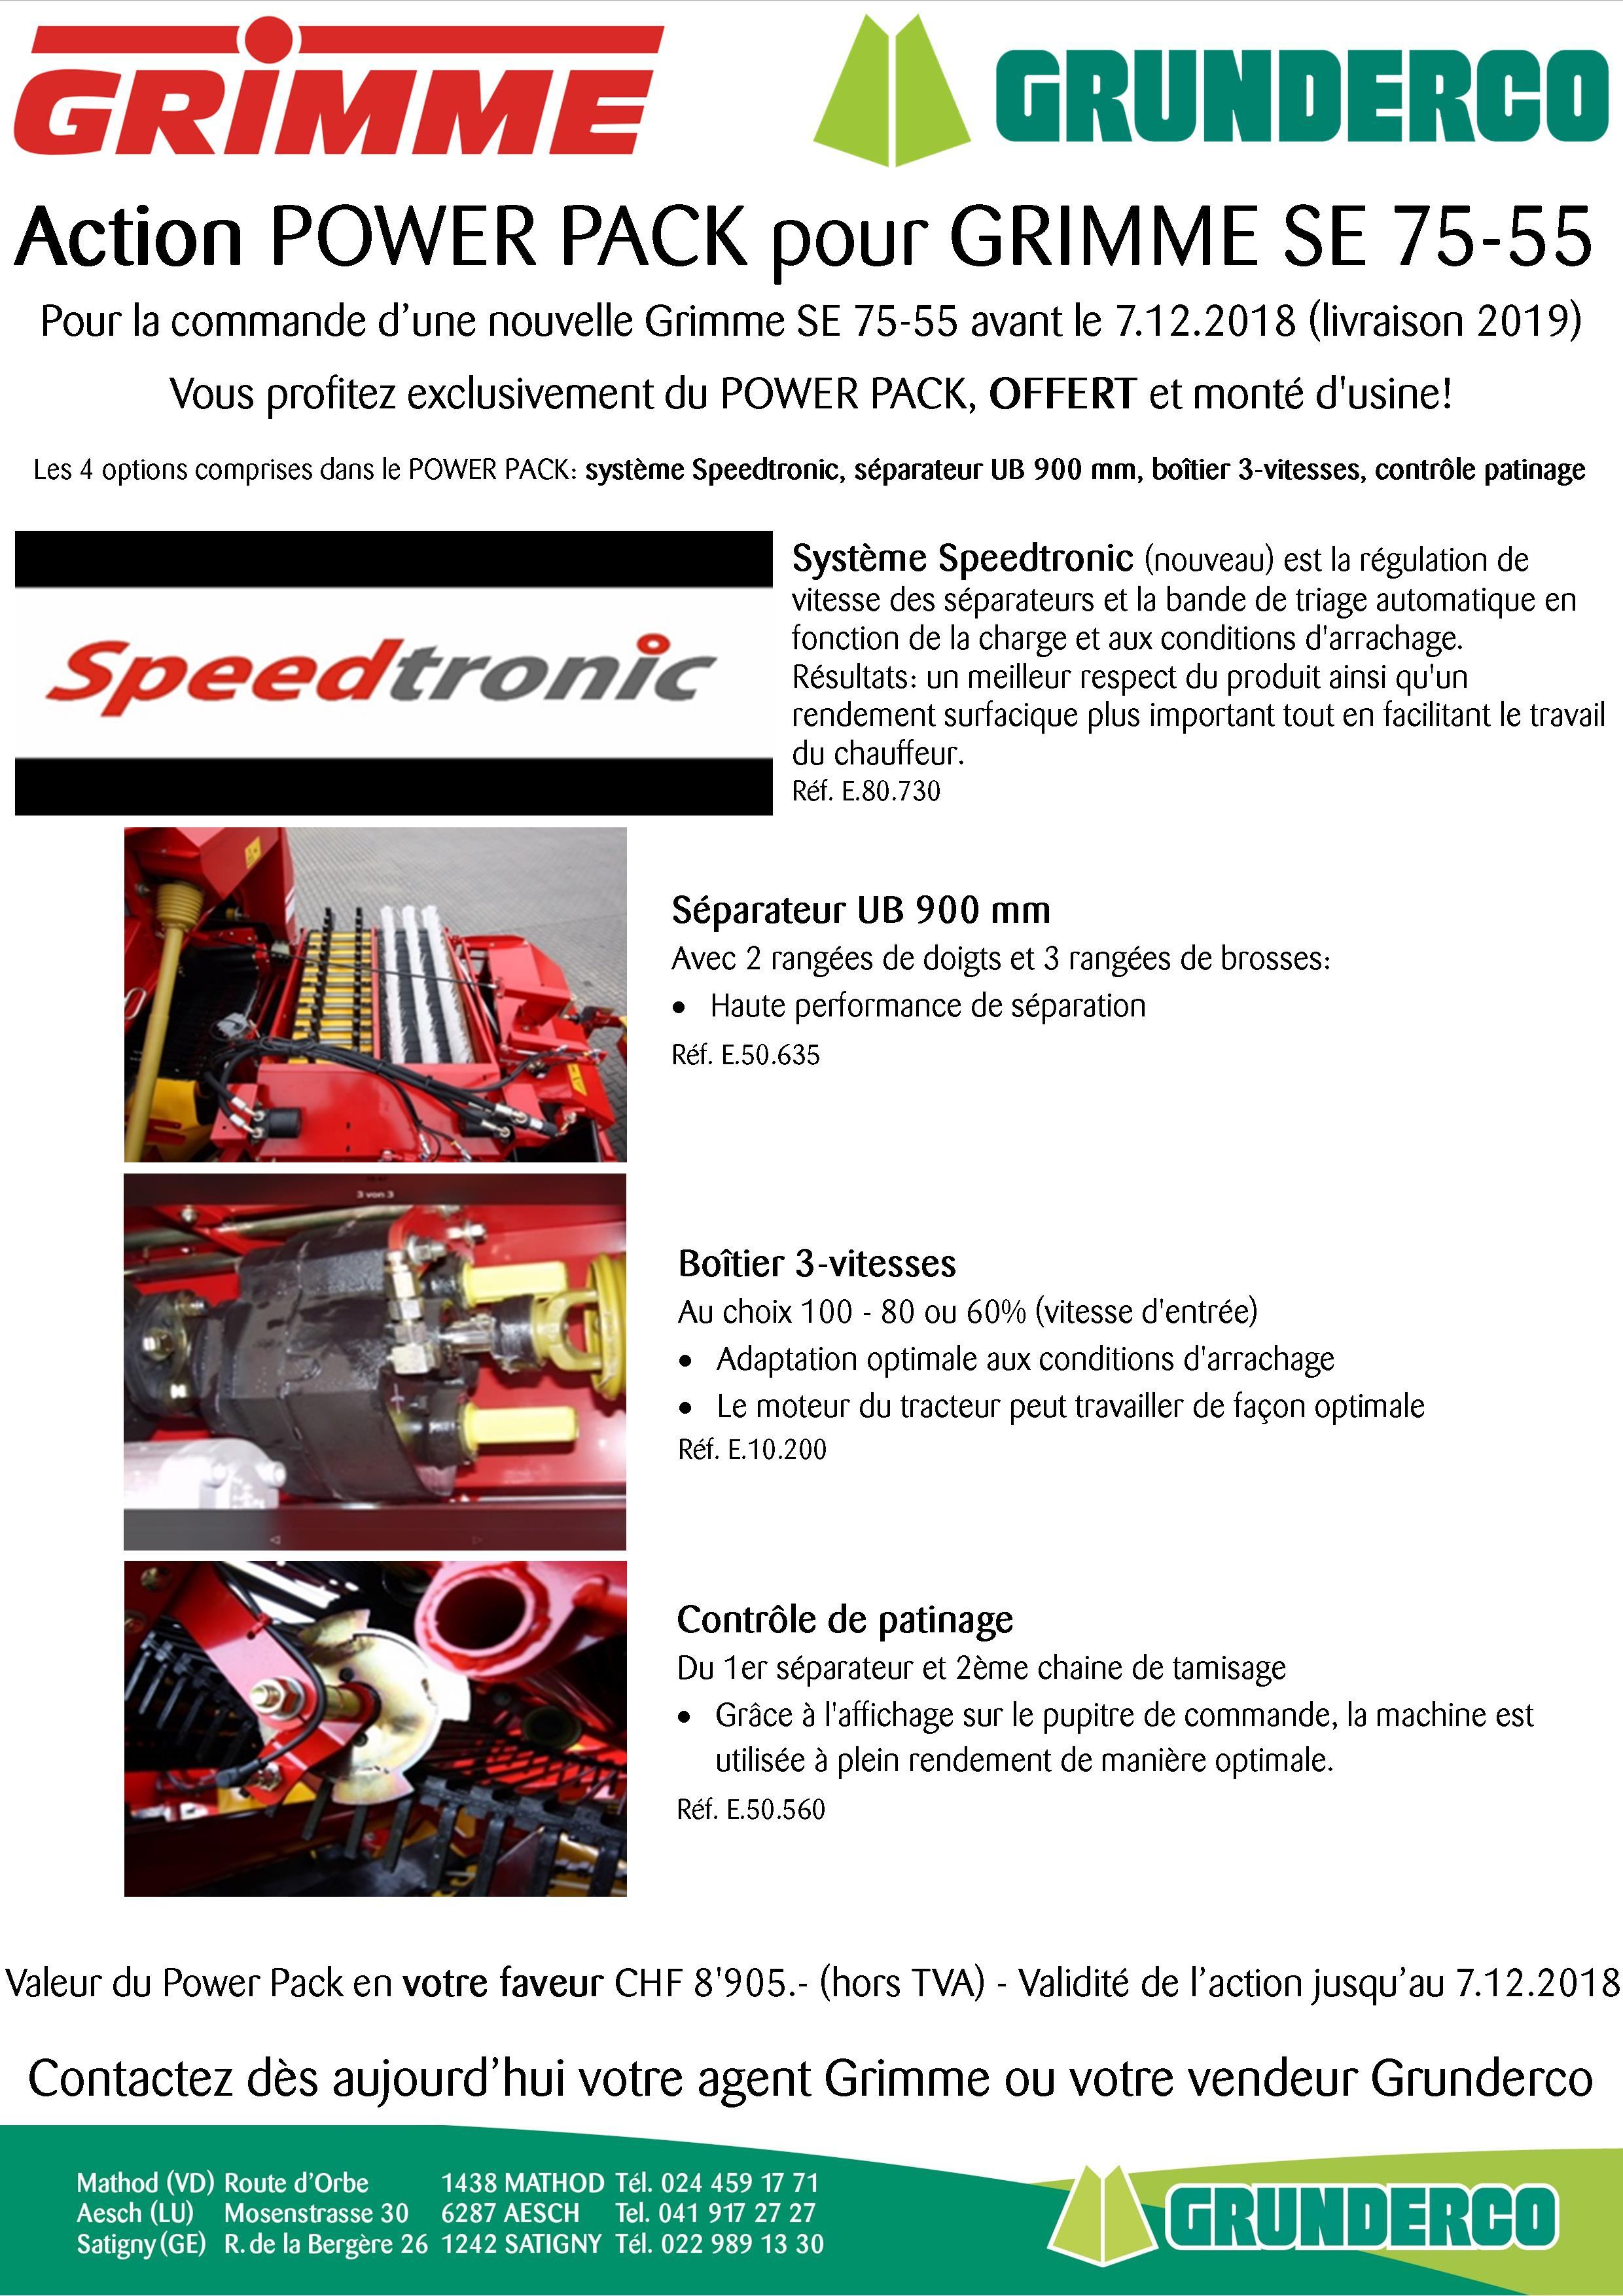 Action POWER PACK pour GRIMME SE 75-55